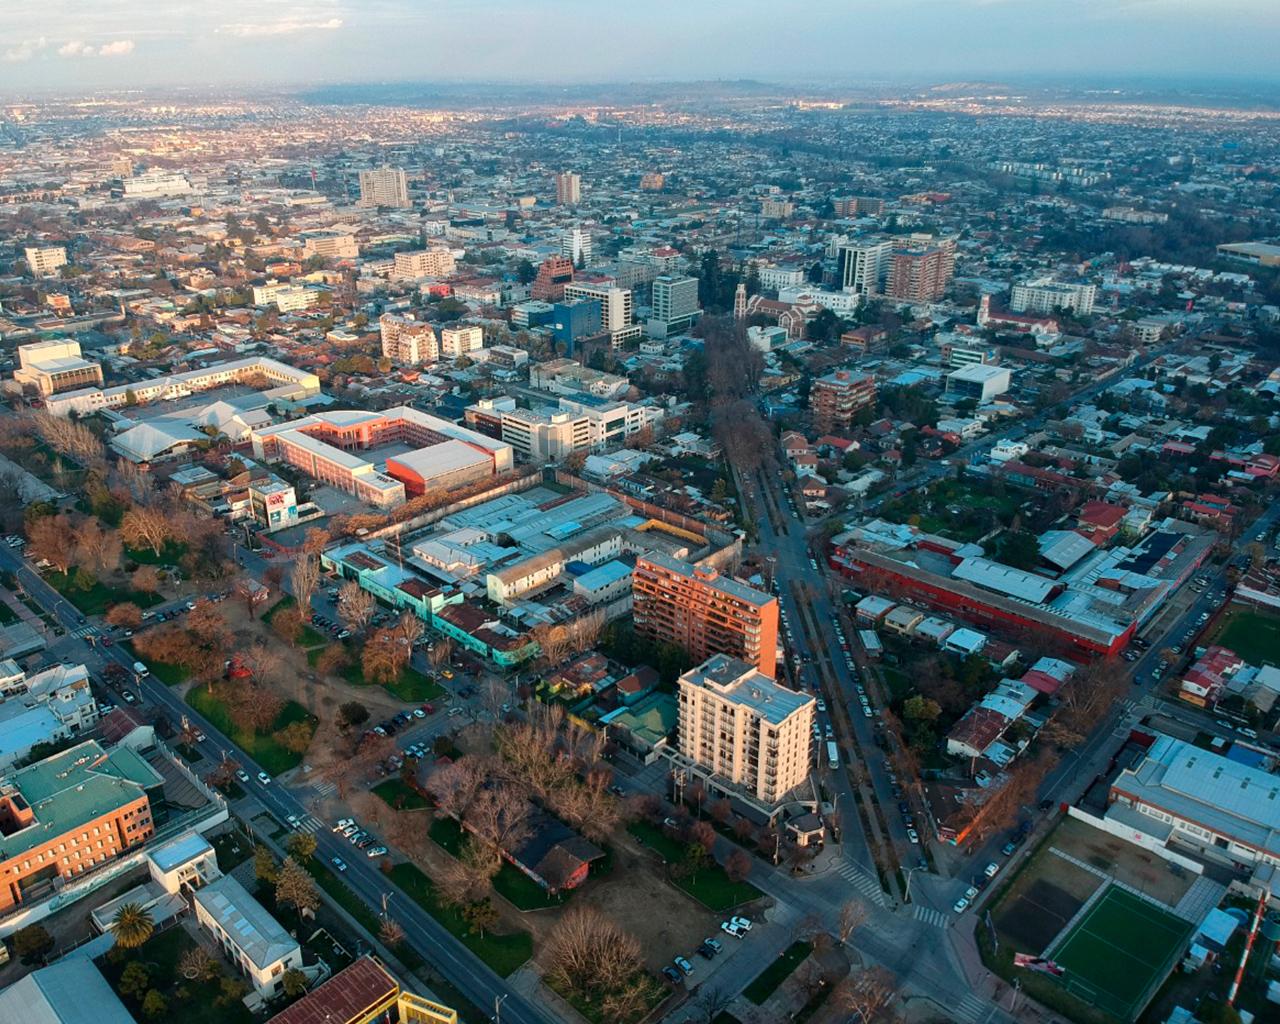 Convocan a arquitectos y urbanistas nacionales e internacionales a proyectar centro cívico en terrenos de la cárcel de Talca